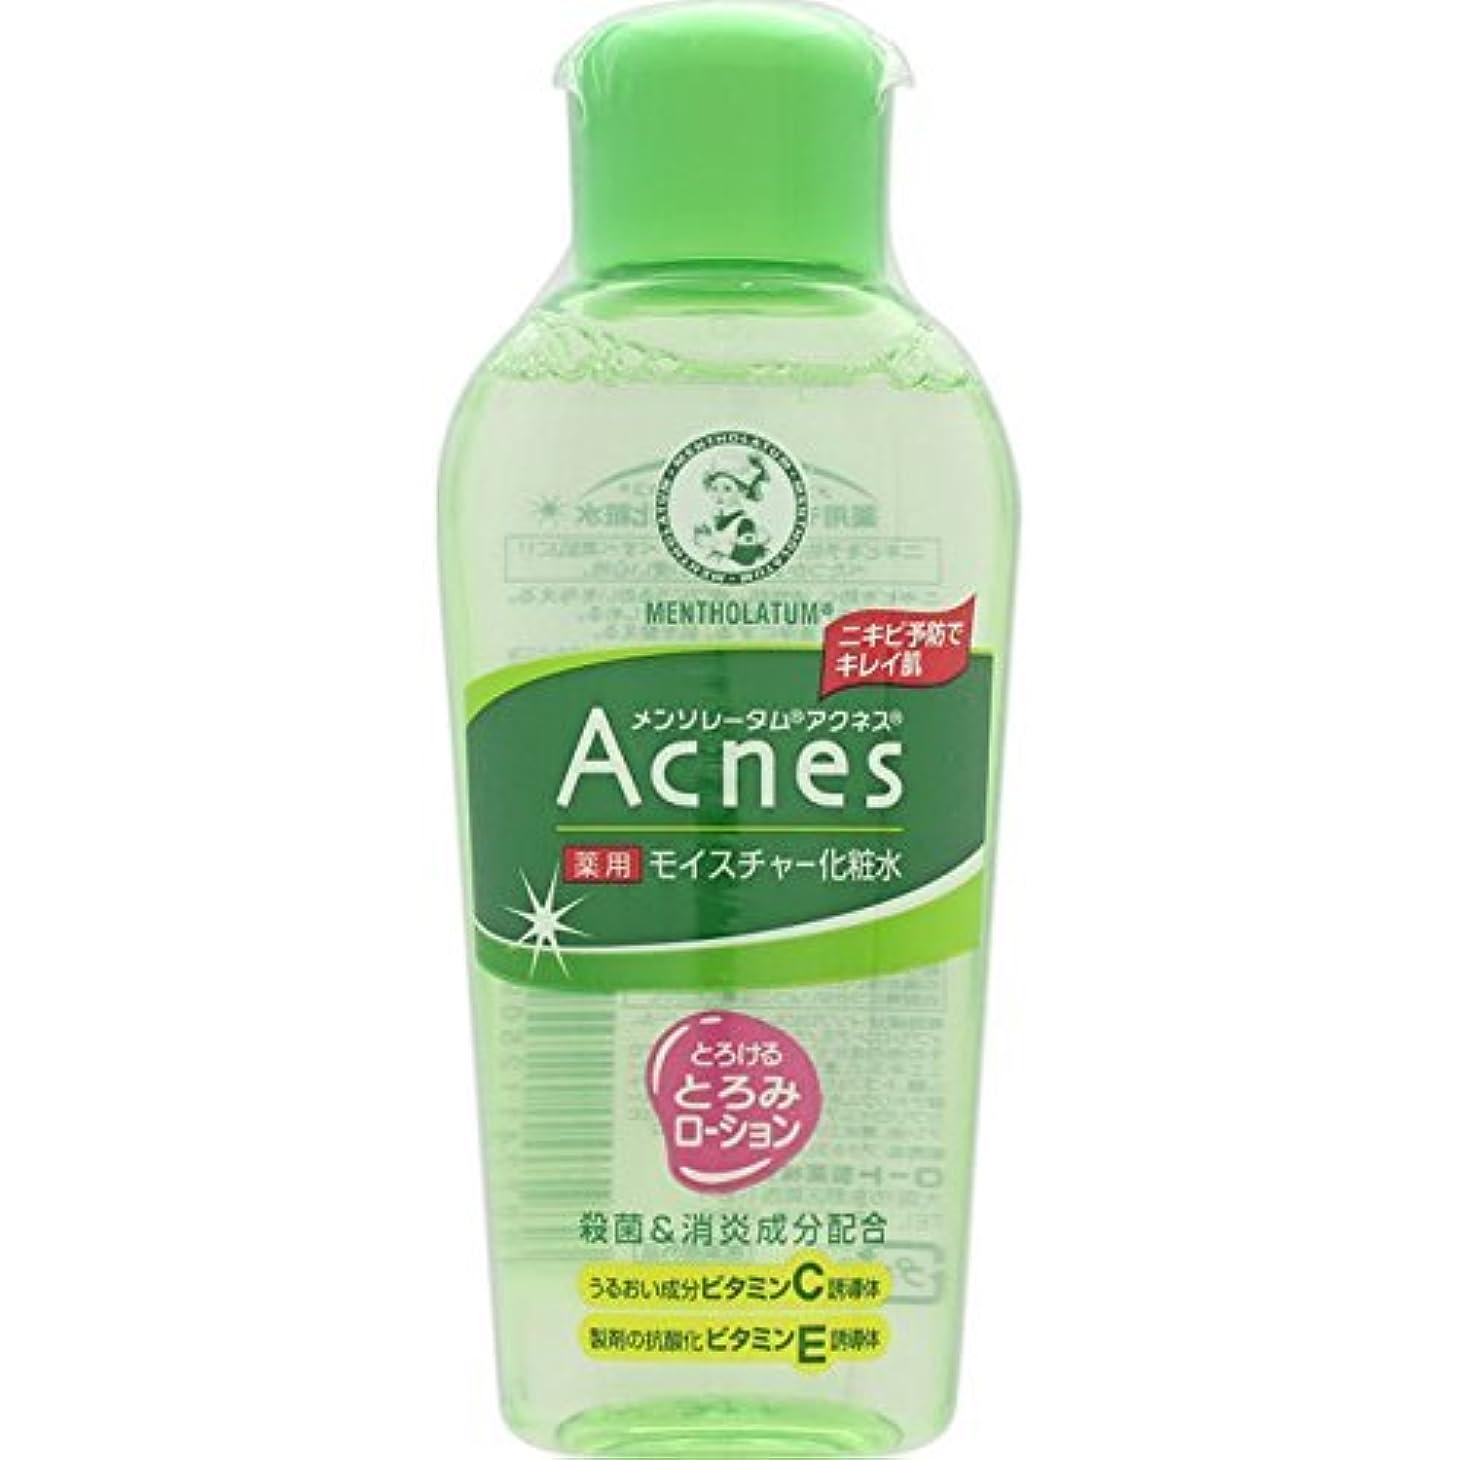 感情の一生ハリケーンAcnes(アクネス) 薬用モイスチャー化粧水 120mL【医薬部外品】